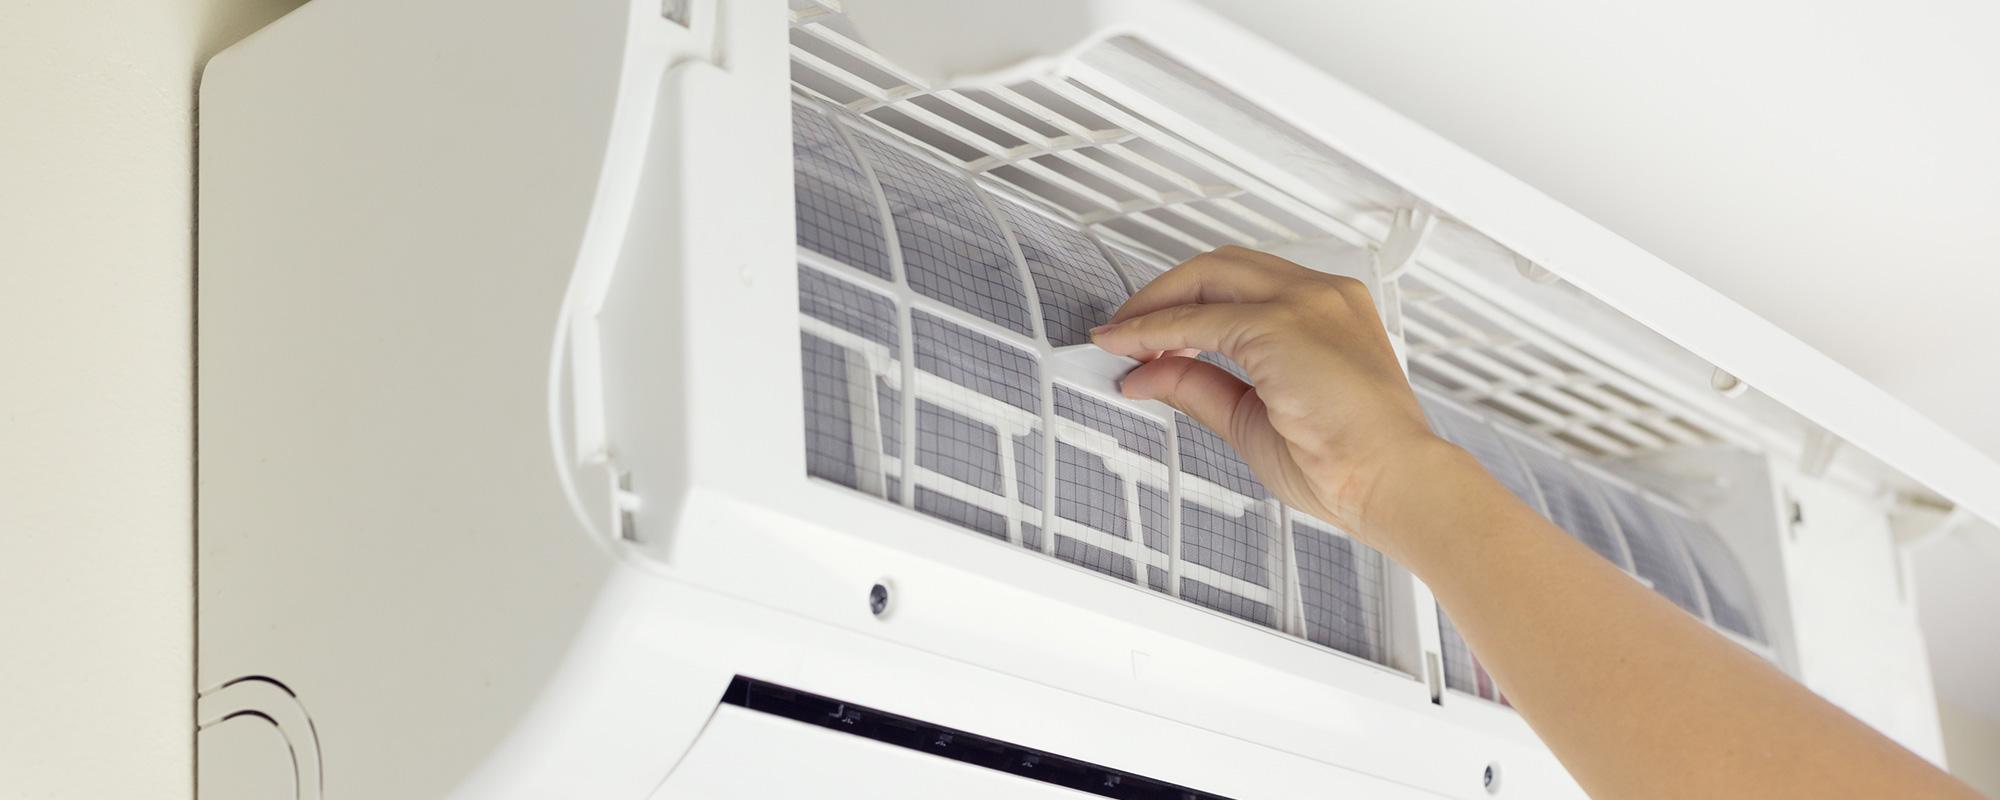 Homeowner Adjusting Indoor HVAC Unit